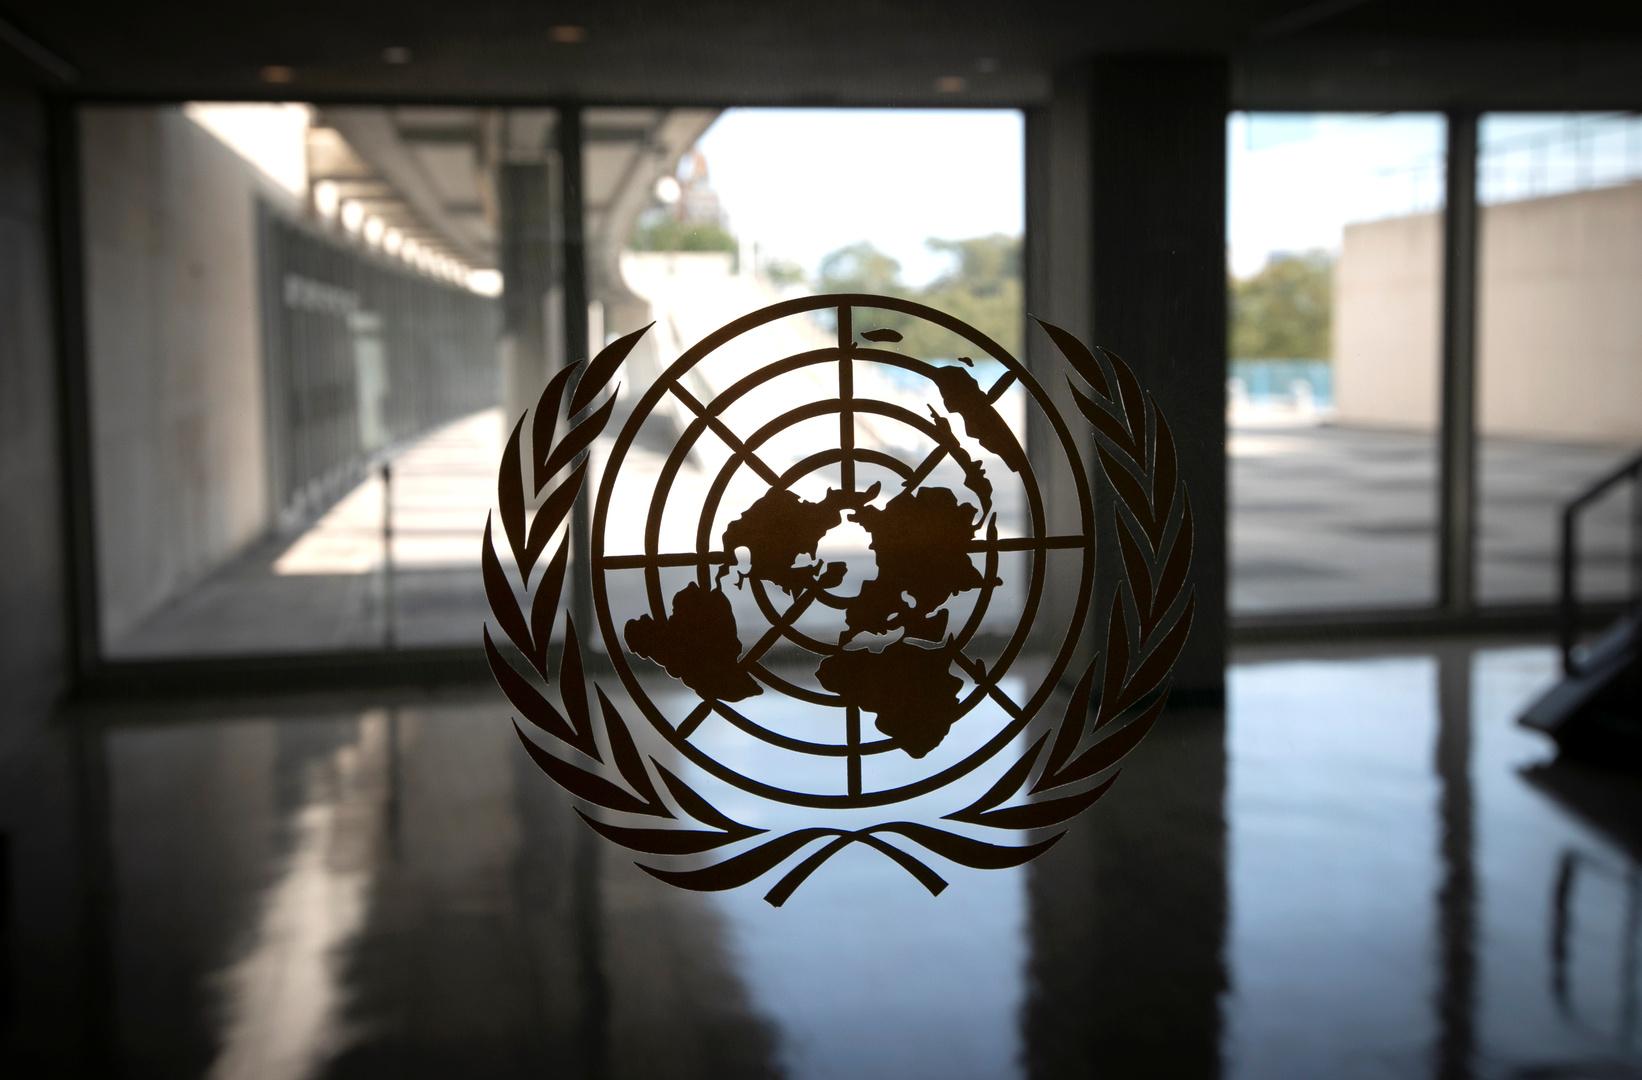 الأمم المتحدة تحذر ميانمار من خطر نشوب حرب أهلية واسعة النطاق